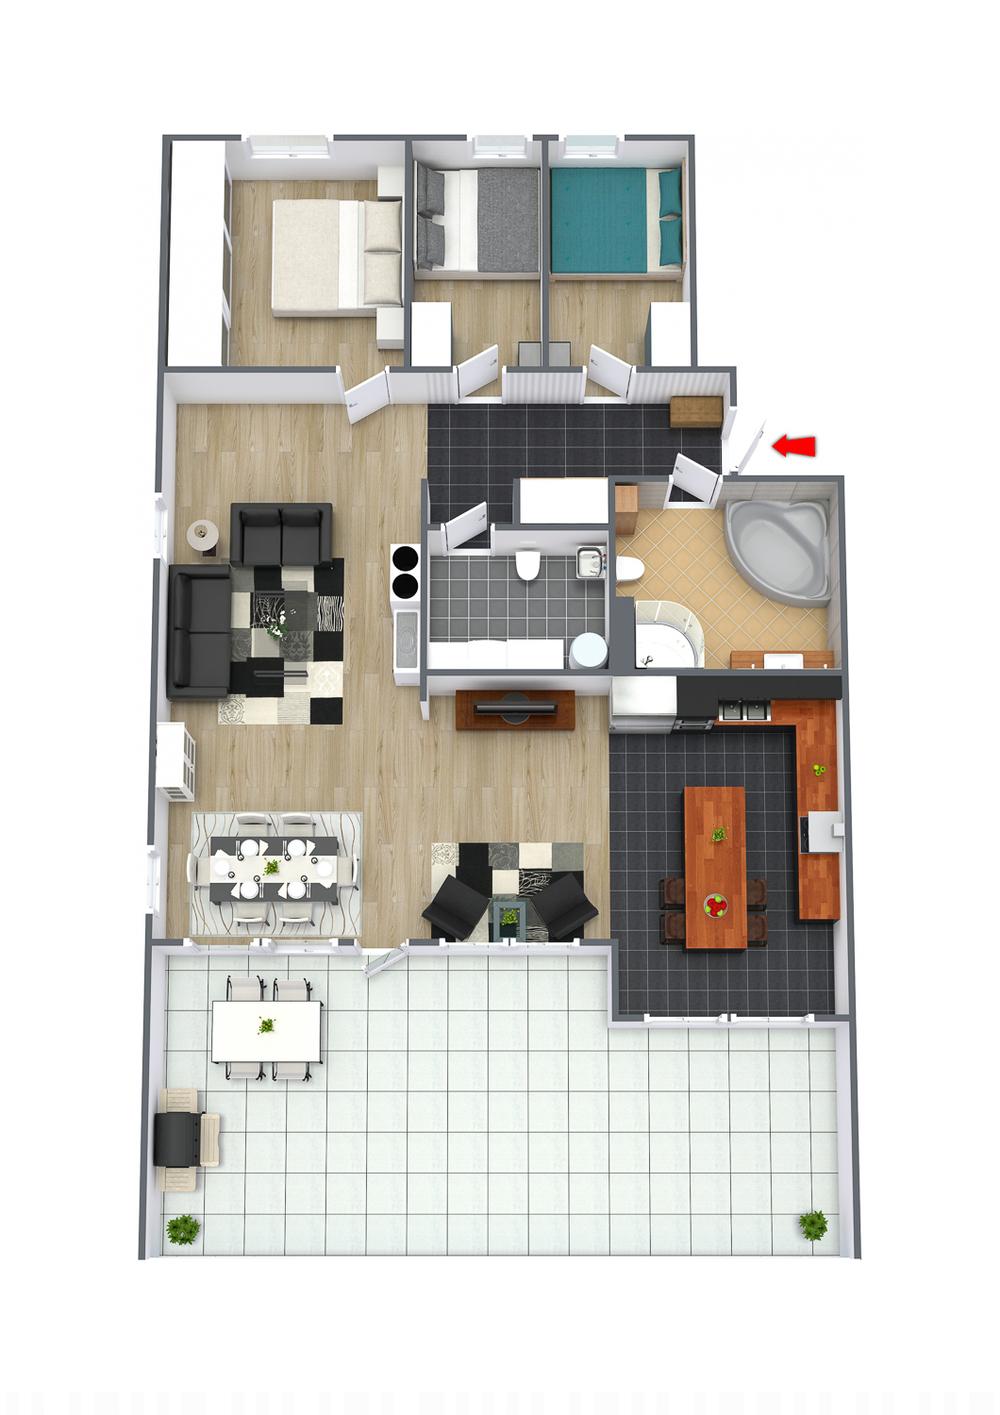 _3D-plan - Stasjonsveien 48 - Leilighet 1etasje-Edit.jpg